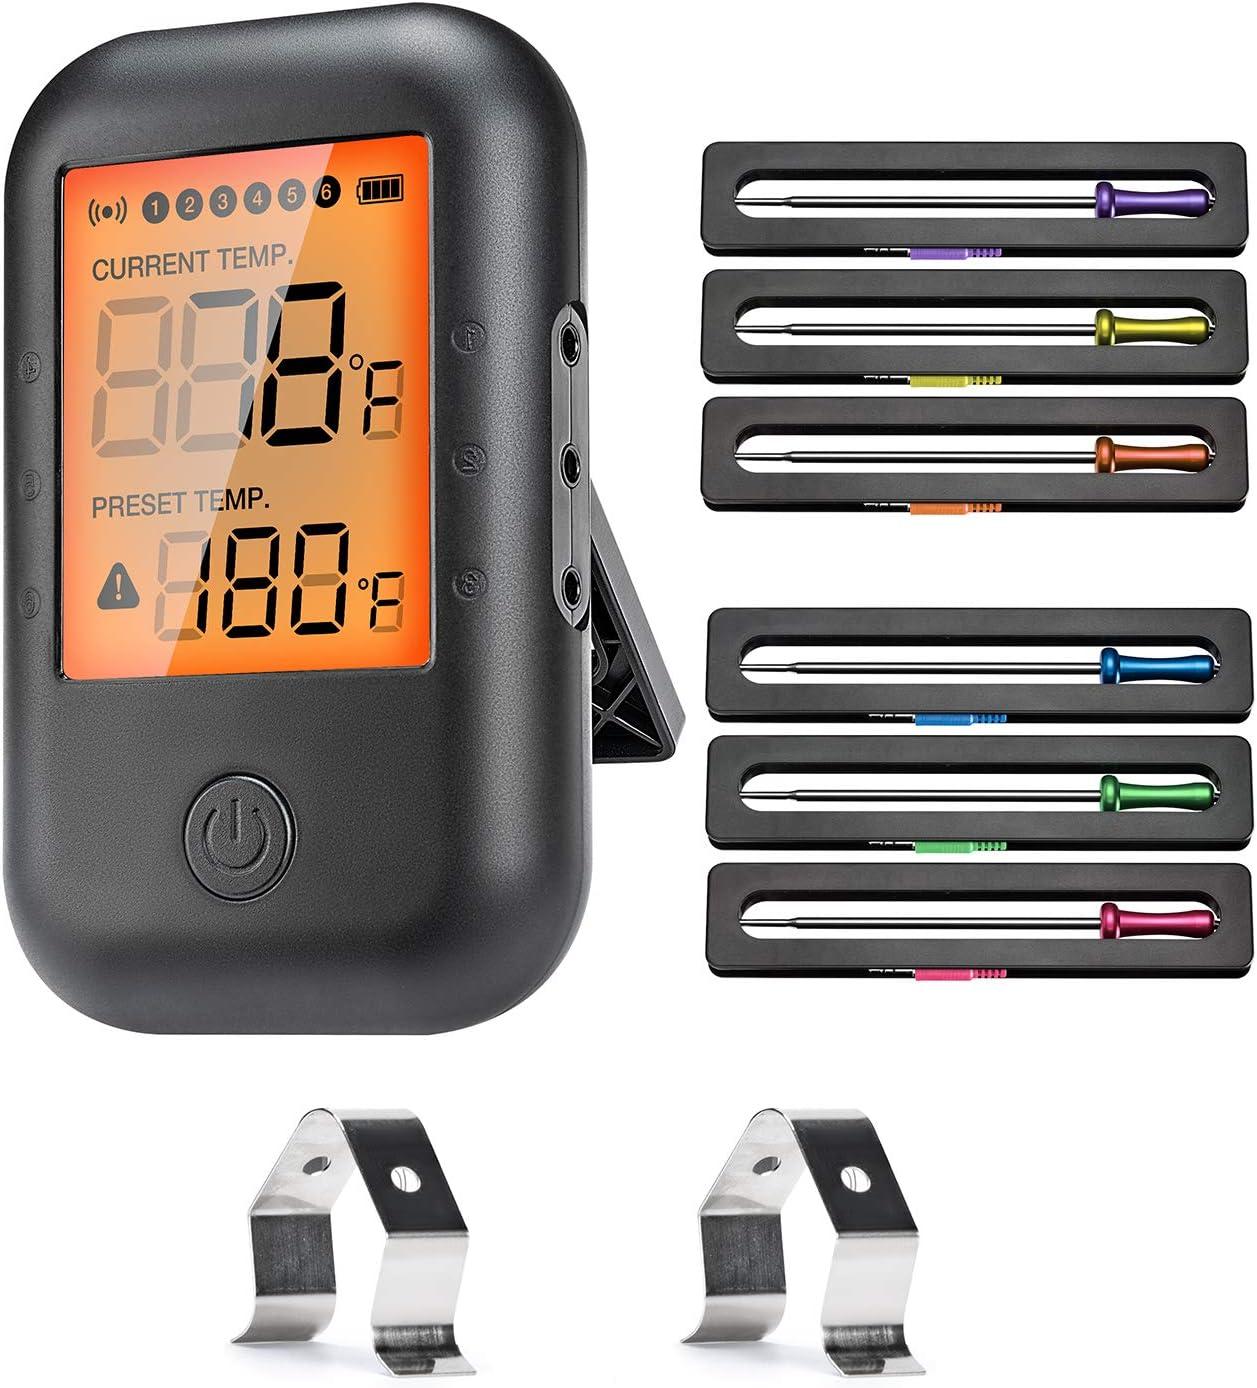 VIBIRIT Termómetro inalámbrico Grill, Termómetro Digital de Carne,Termómetro de cocina Bluetooth con 6 sondas,Termómetro asado para cocina, parrilla, comida, leche, filete, pescado, barbacoa